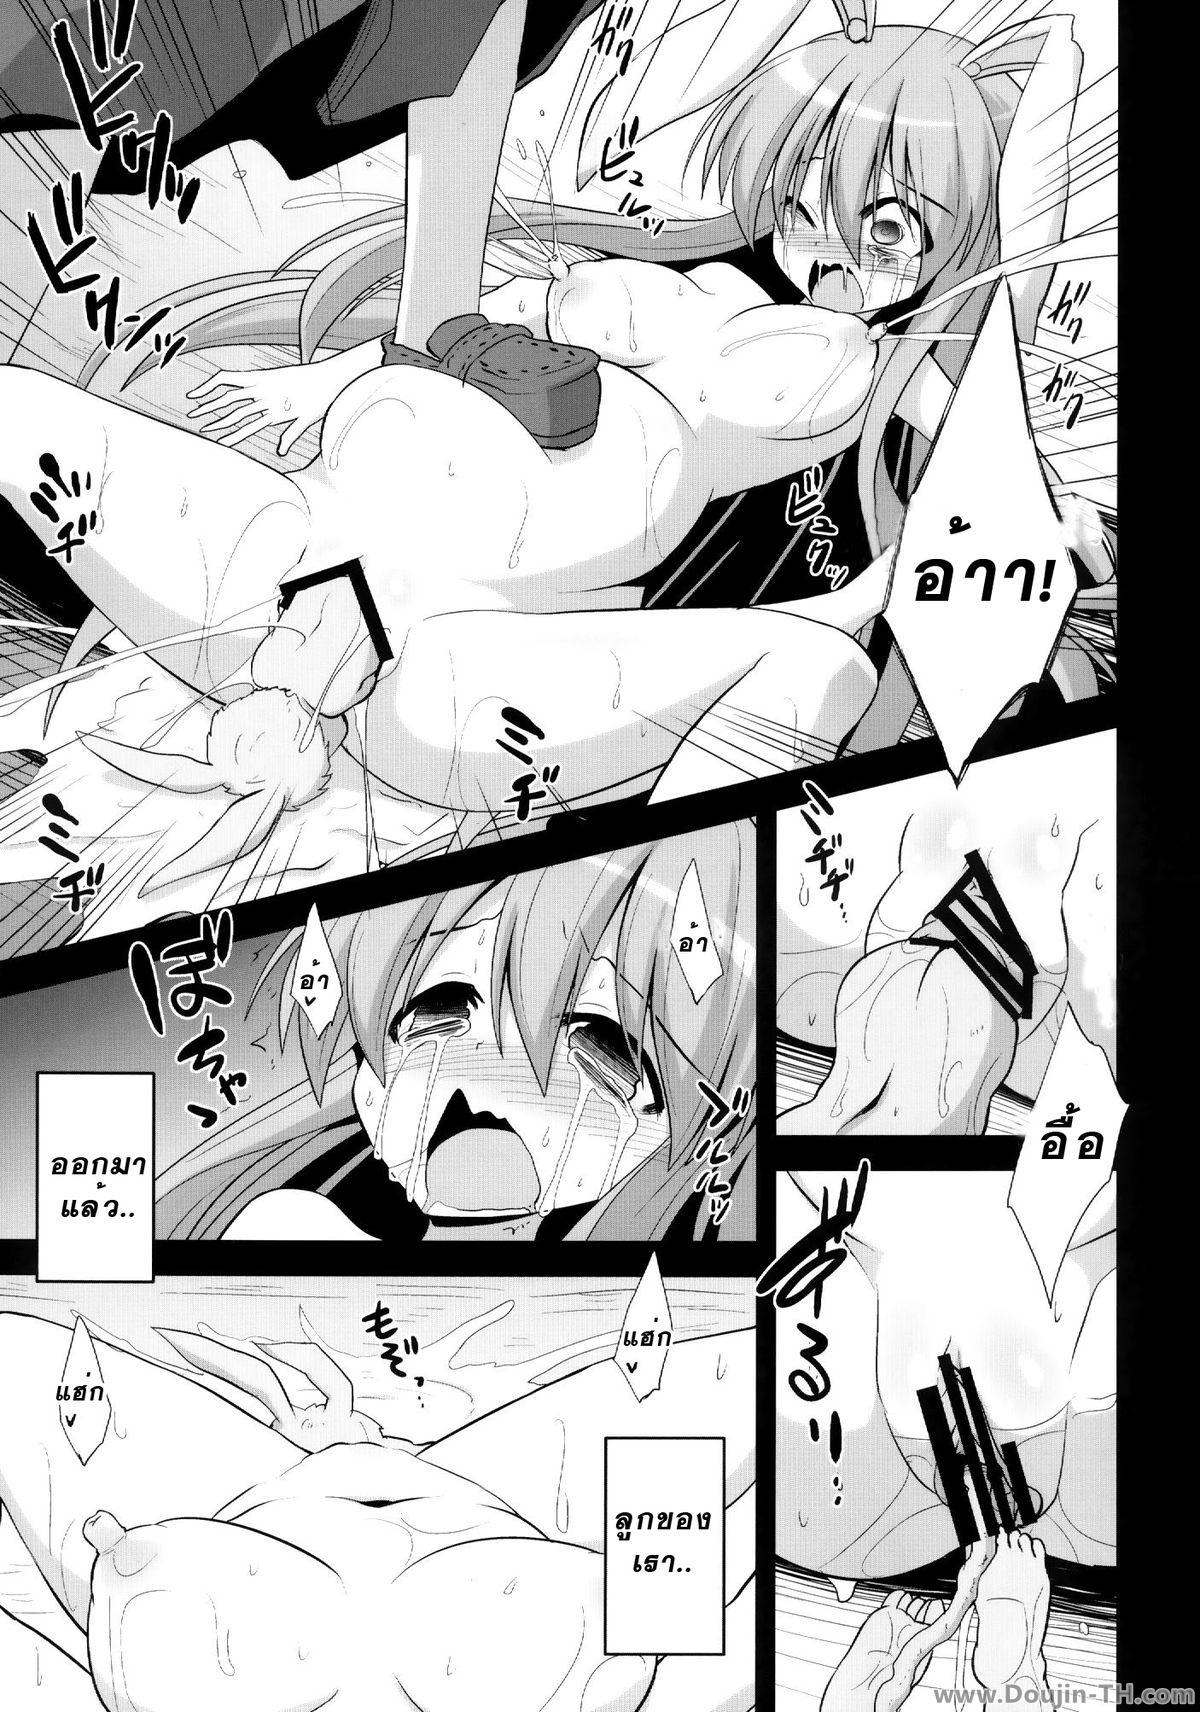 ข่มขืนกระต่ายแม่ลูก [ปวดตับ] - หน้า 46